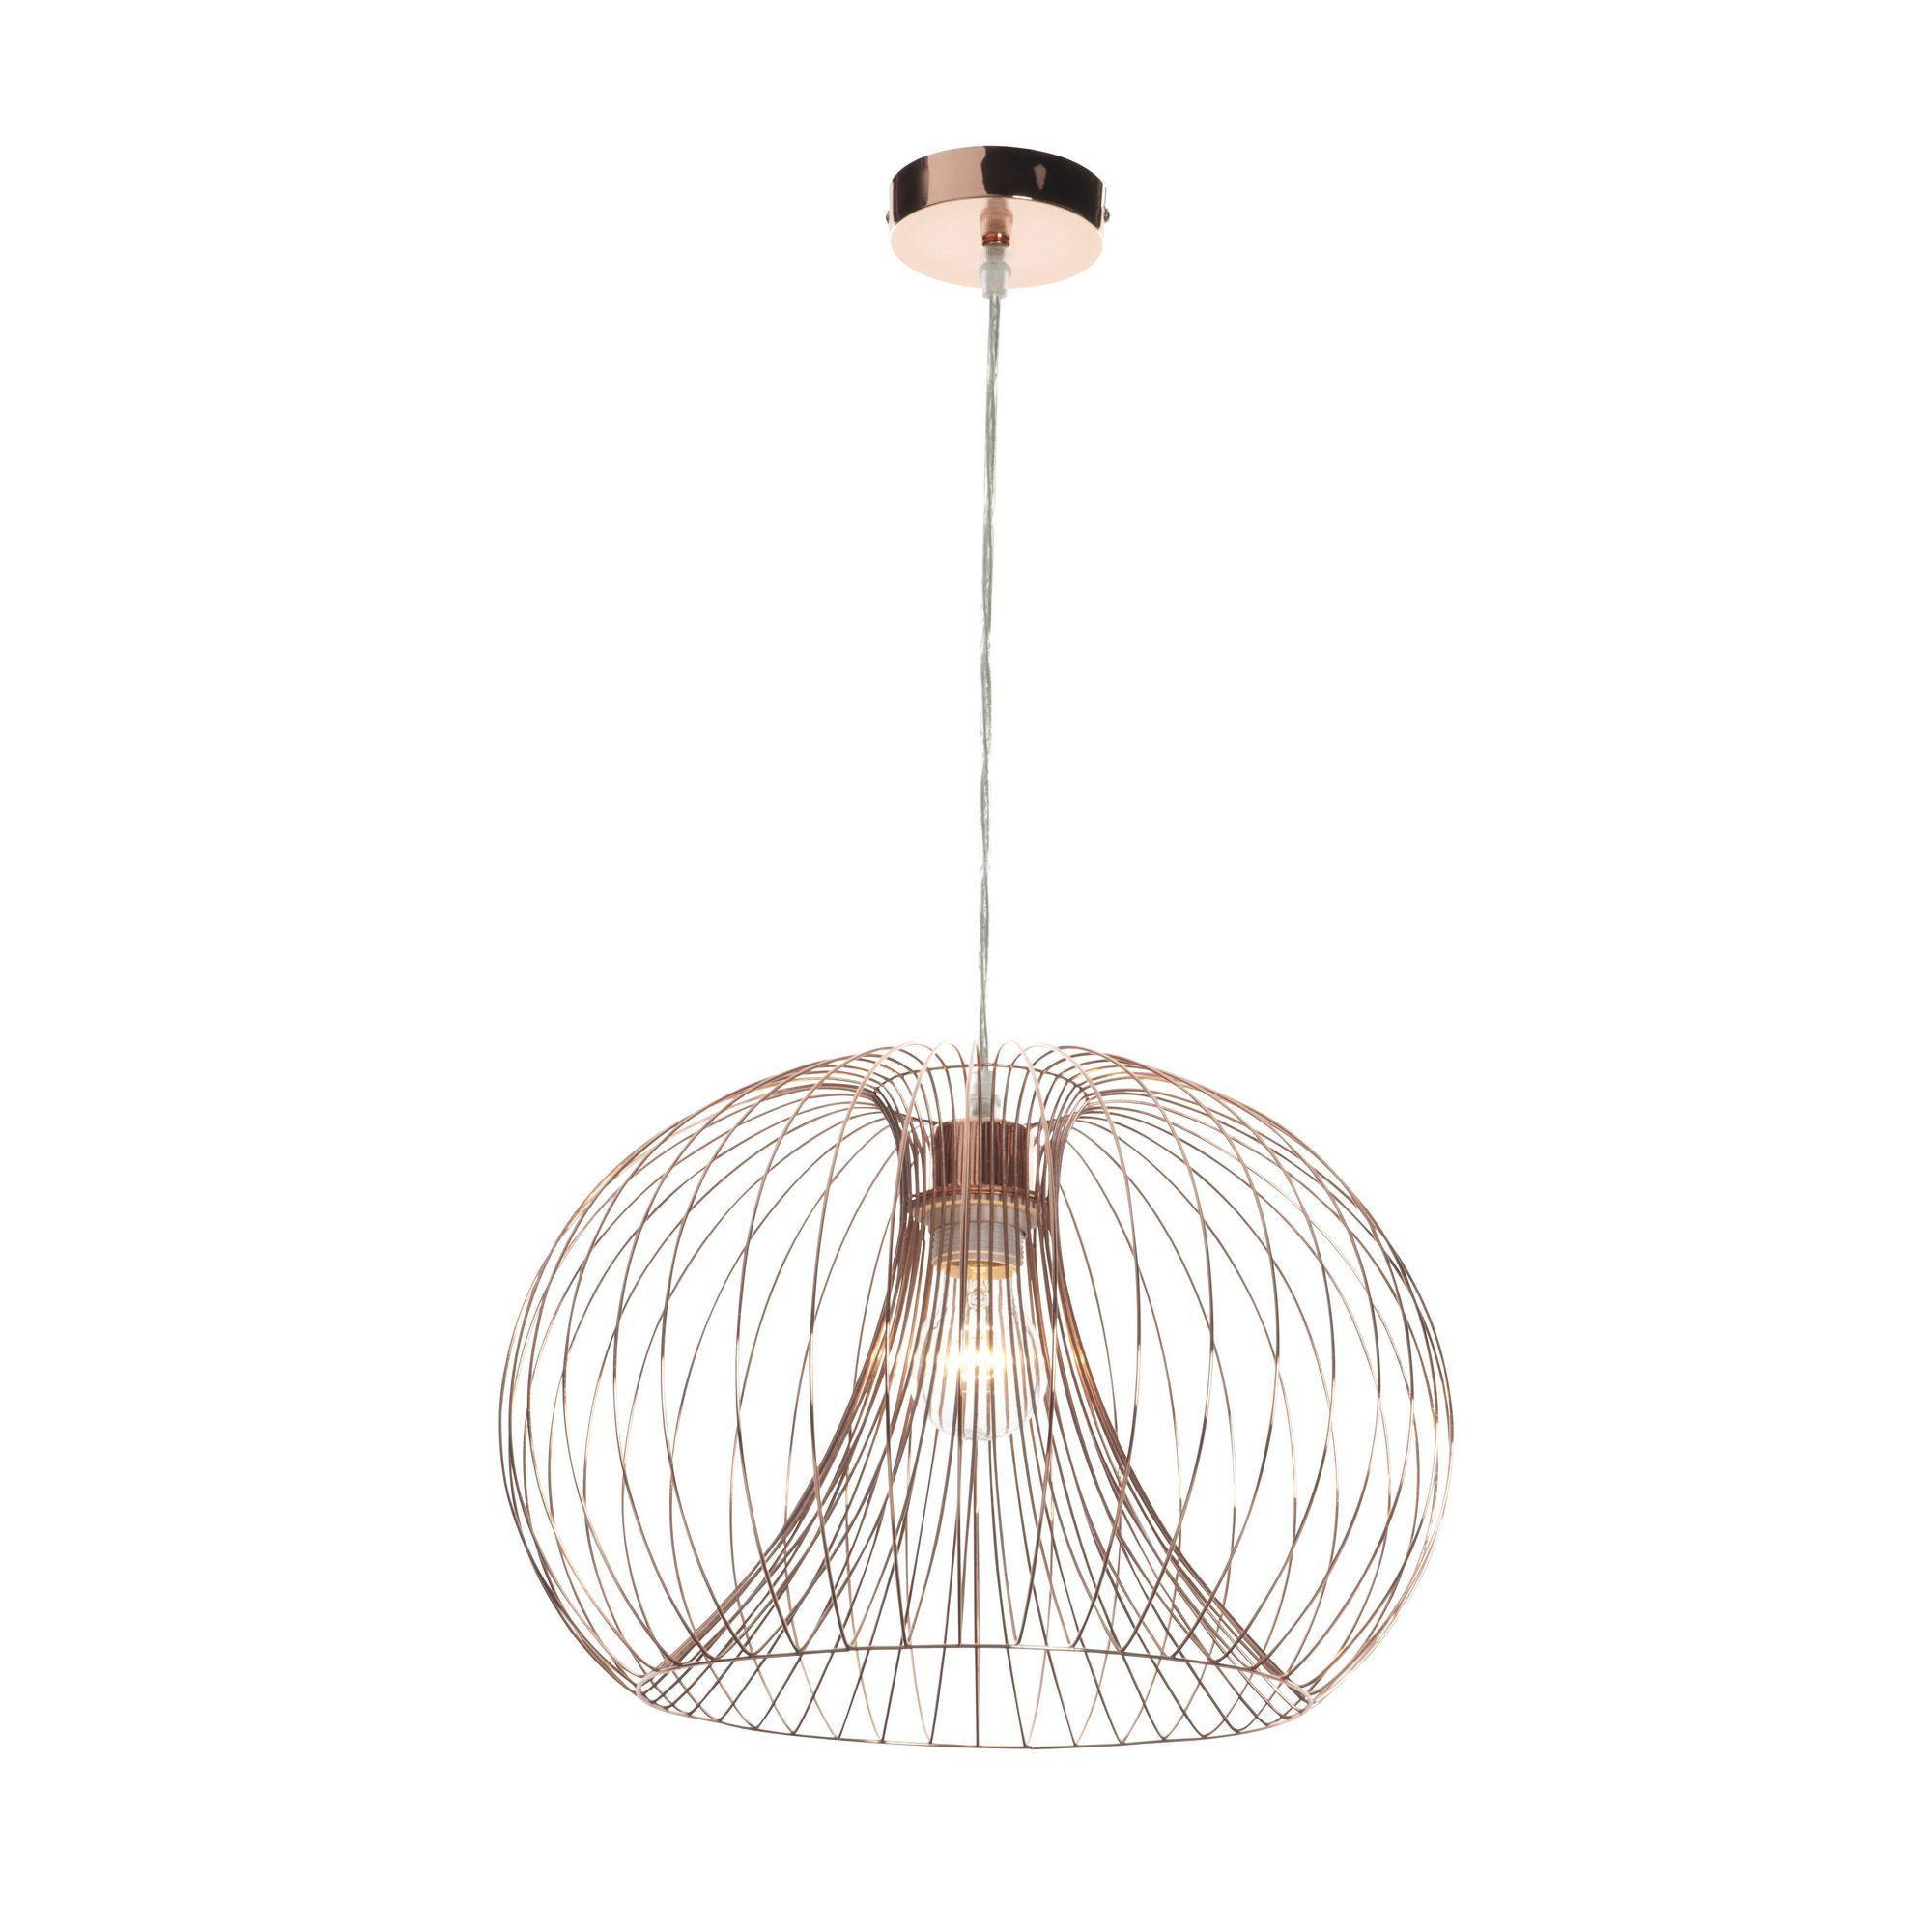 Oversized Glass Vase Of Recycled Glass Pendant Light Best Of Jonas Pendant Ceiling Light Regarding Recycled Glass Pendant Light Best Of Jonas Pendant Ceiling Light Departments Diy at Bq